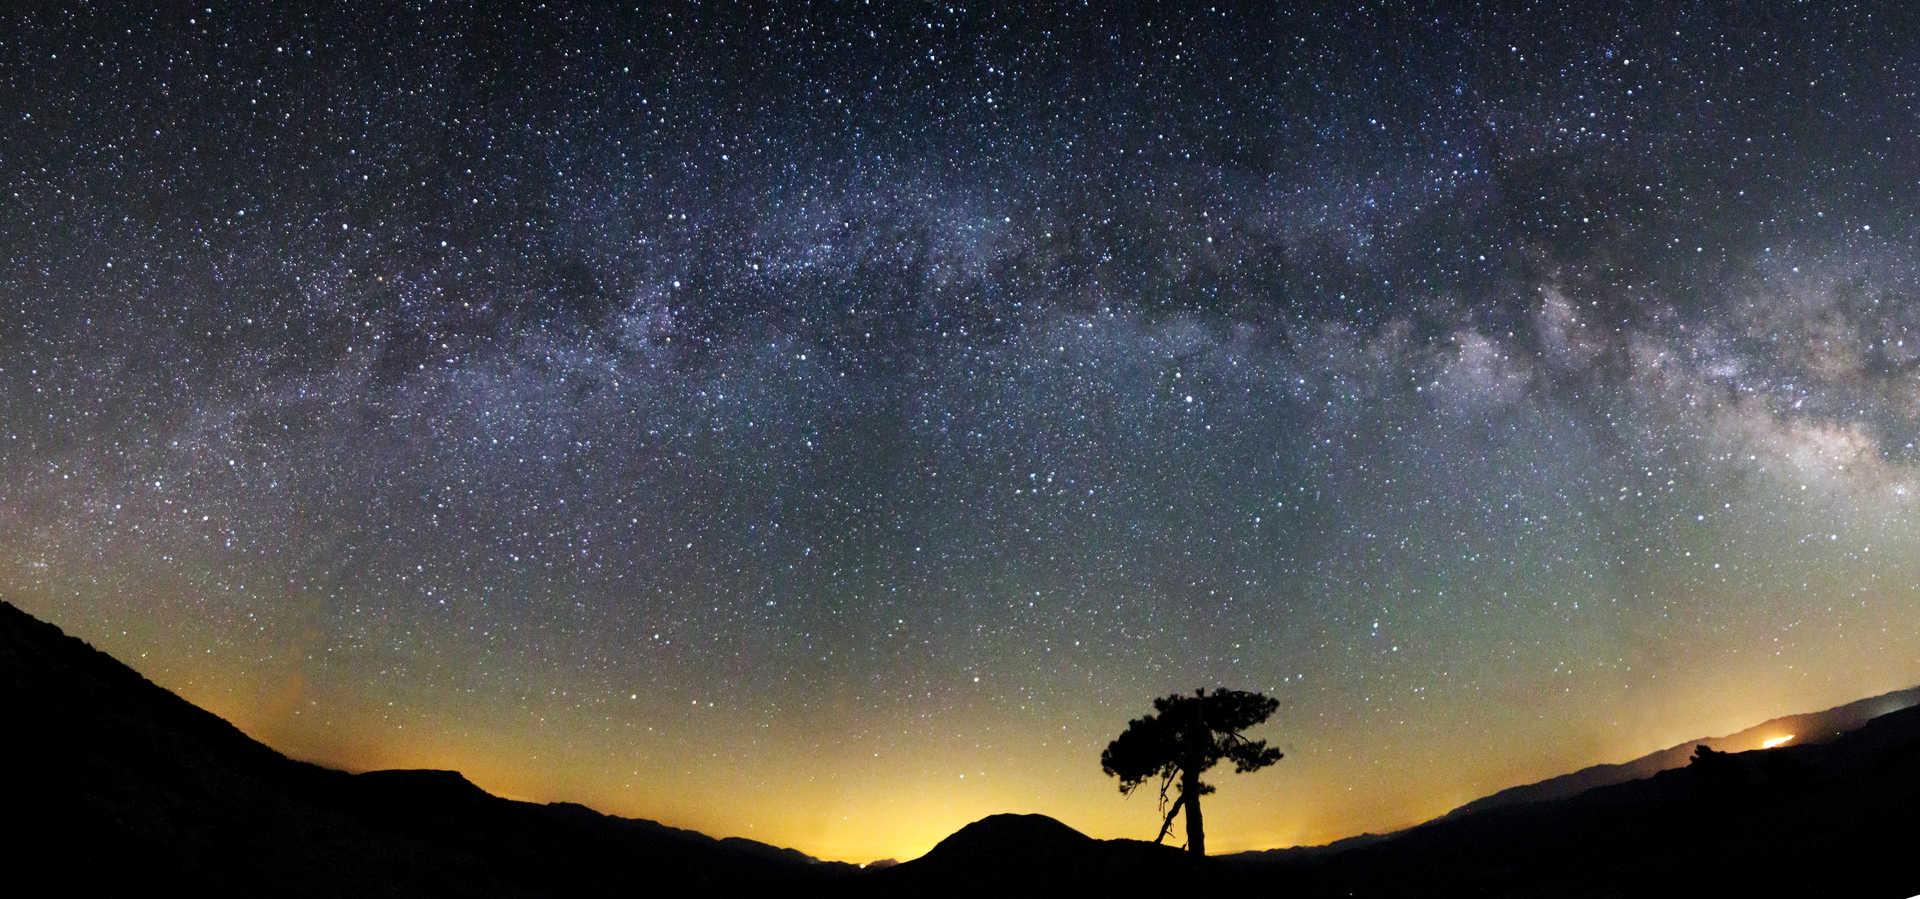 Visita diurna al Observatorio astronómico de Calar Alto (Almería)